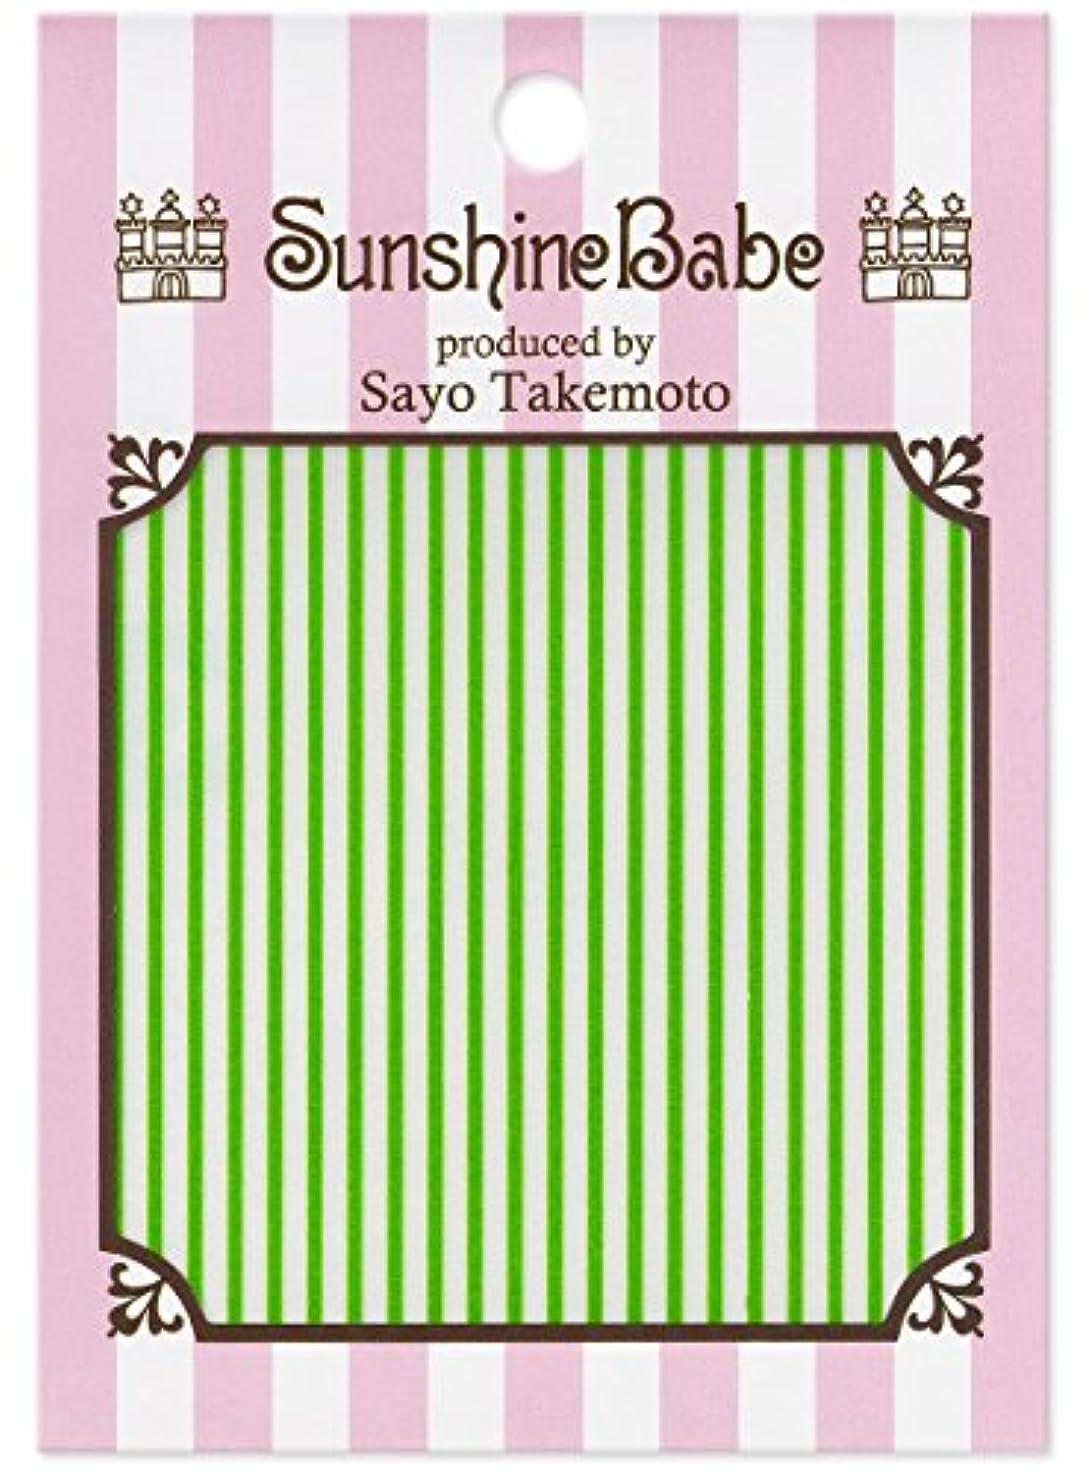 もっともらしい起業家試すサンシャインベビー ジェルネイル 武本小夜のネイルシール Sayo Style ストライプ 1mm グリーン